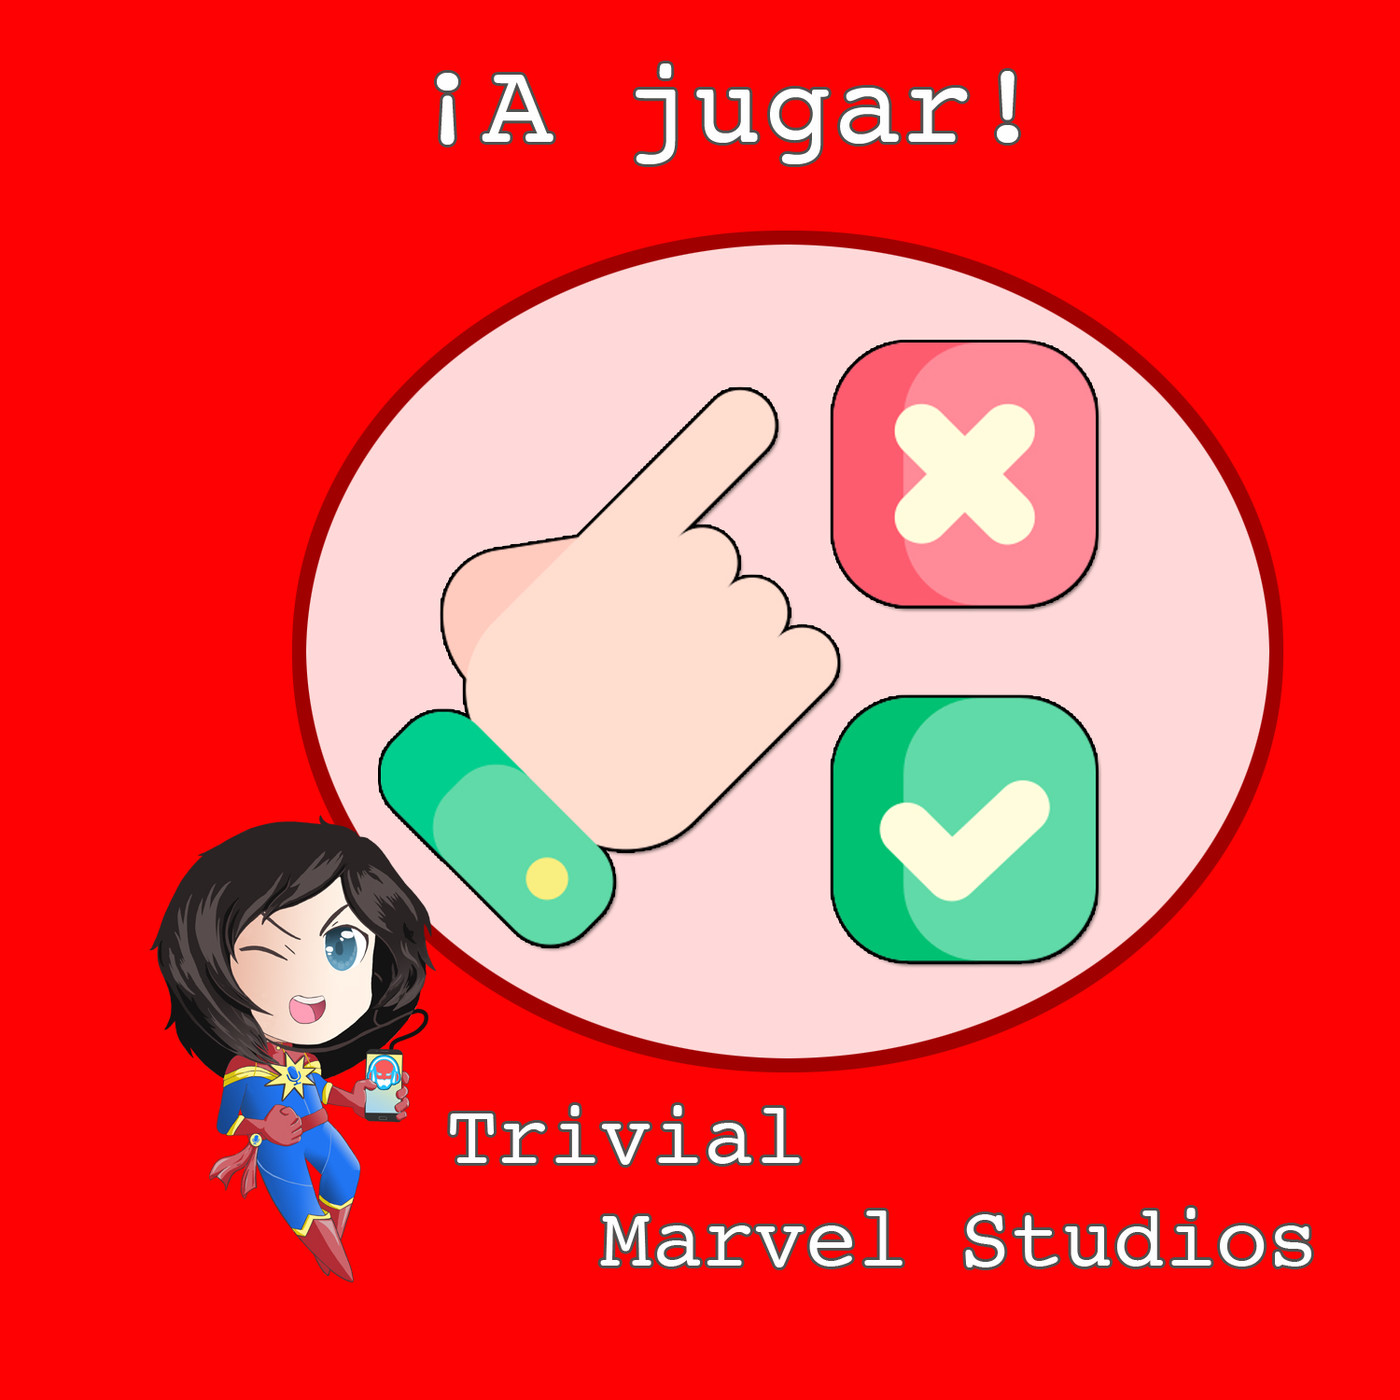 #MarvelianaTecno Trivial sobre Marvel Studios. ¿Jugamos?